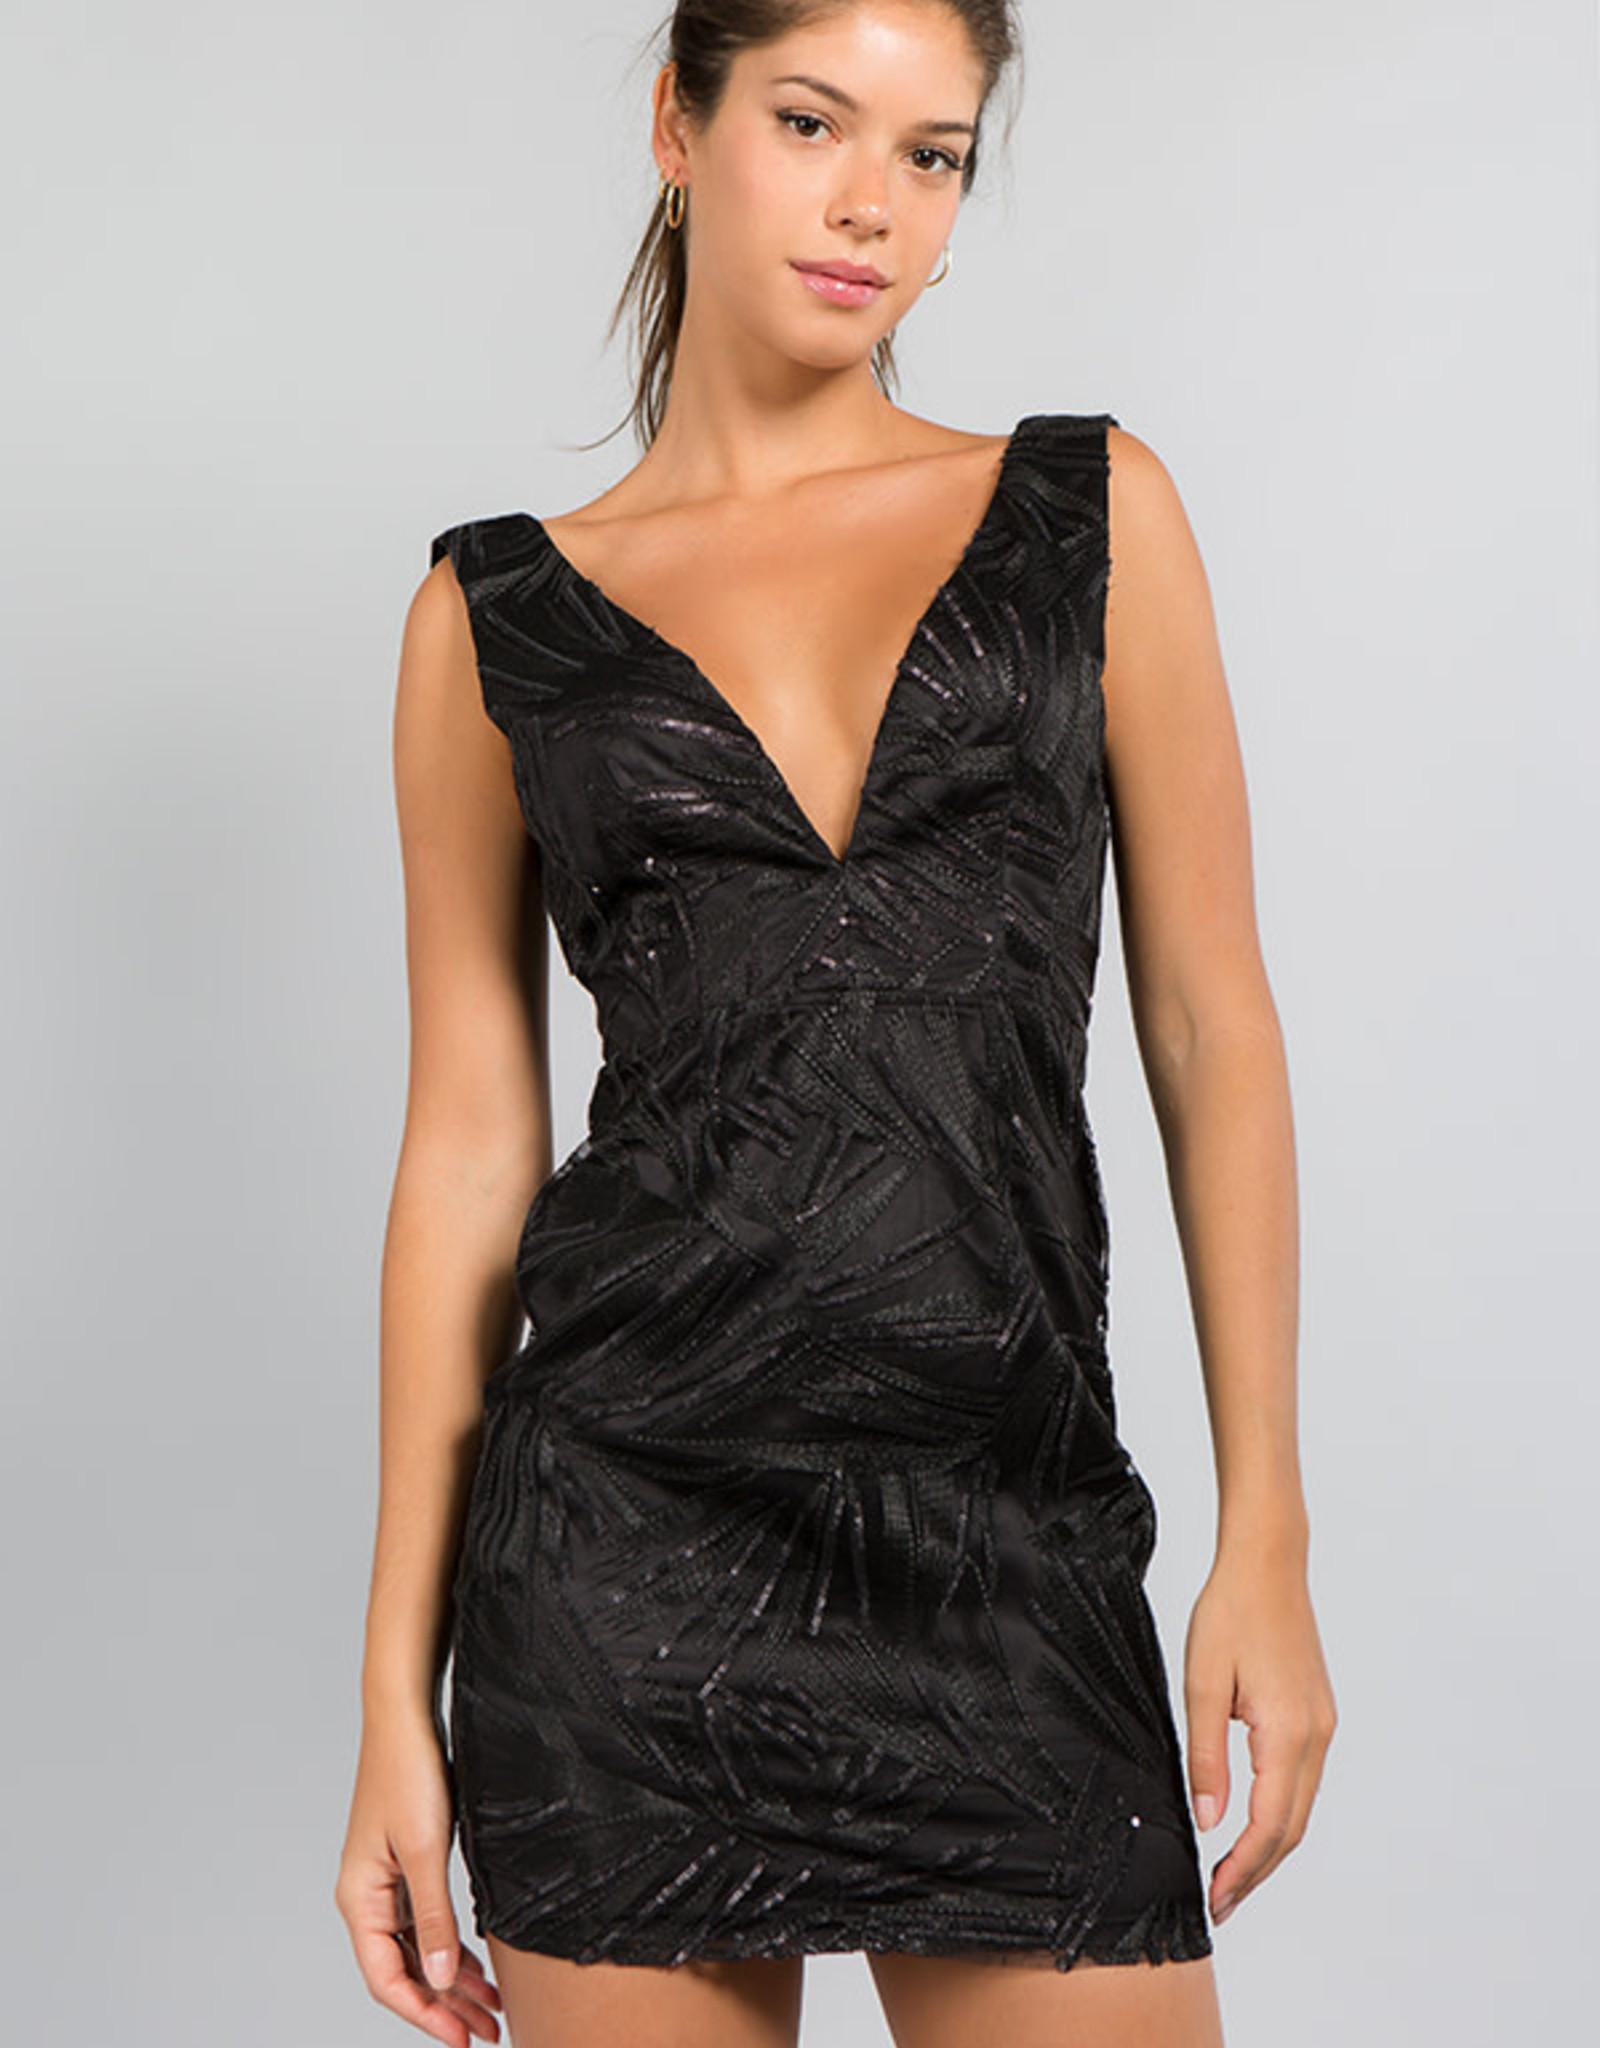 Minuet Black Deep V Dress